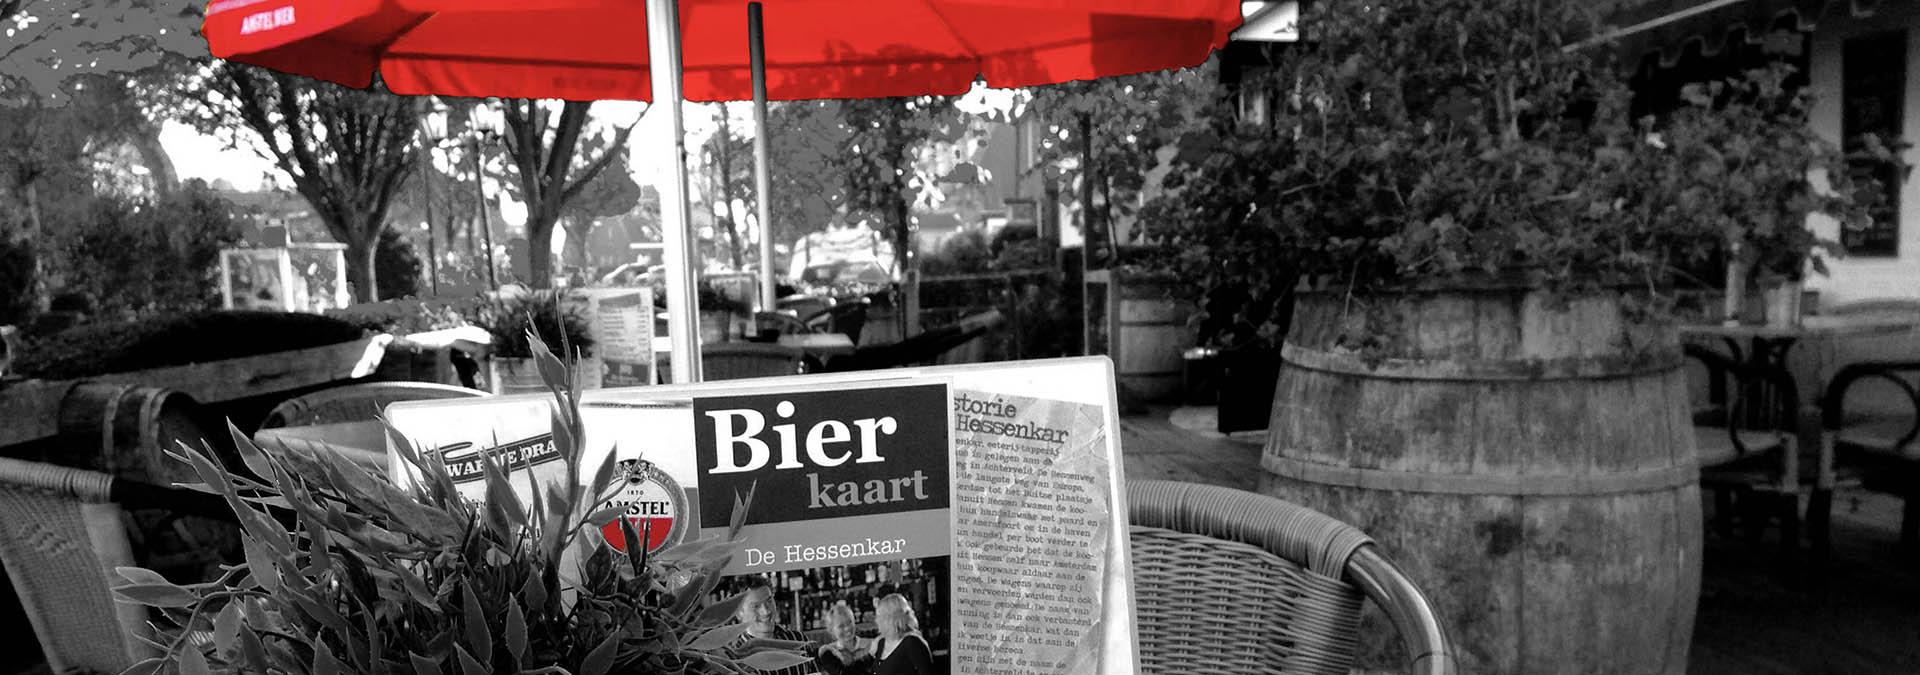 Hessenkar-Achterveld-Menucourant-Achtergrond